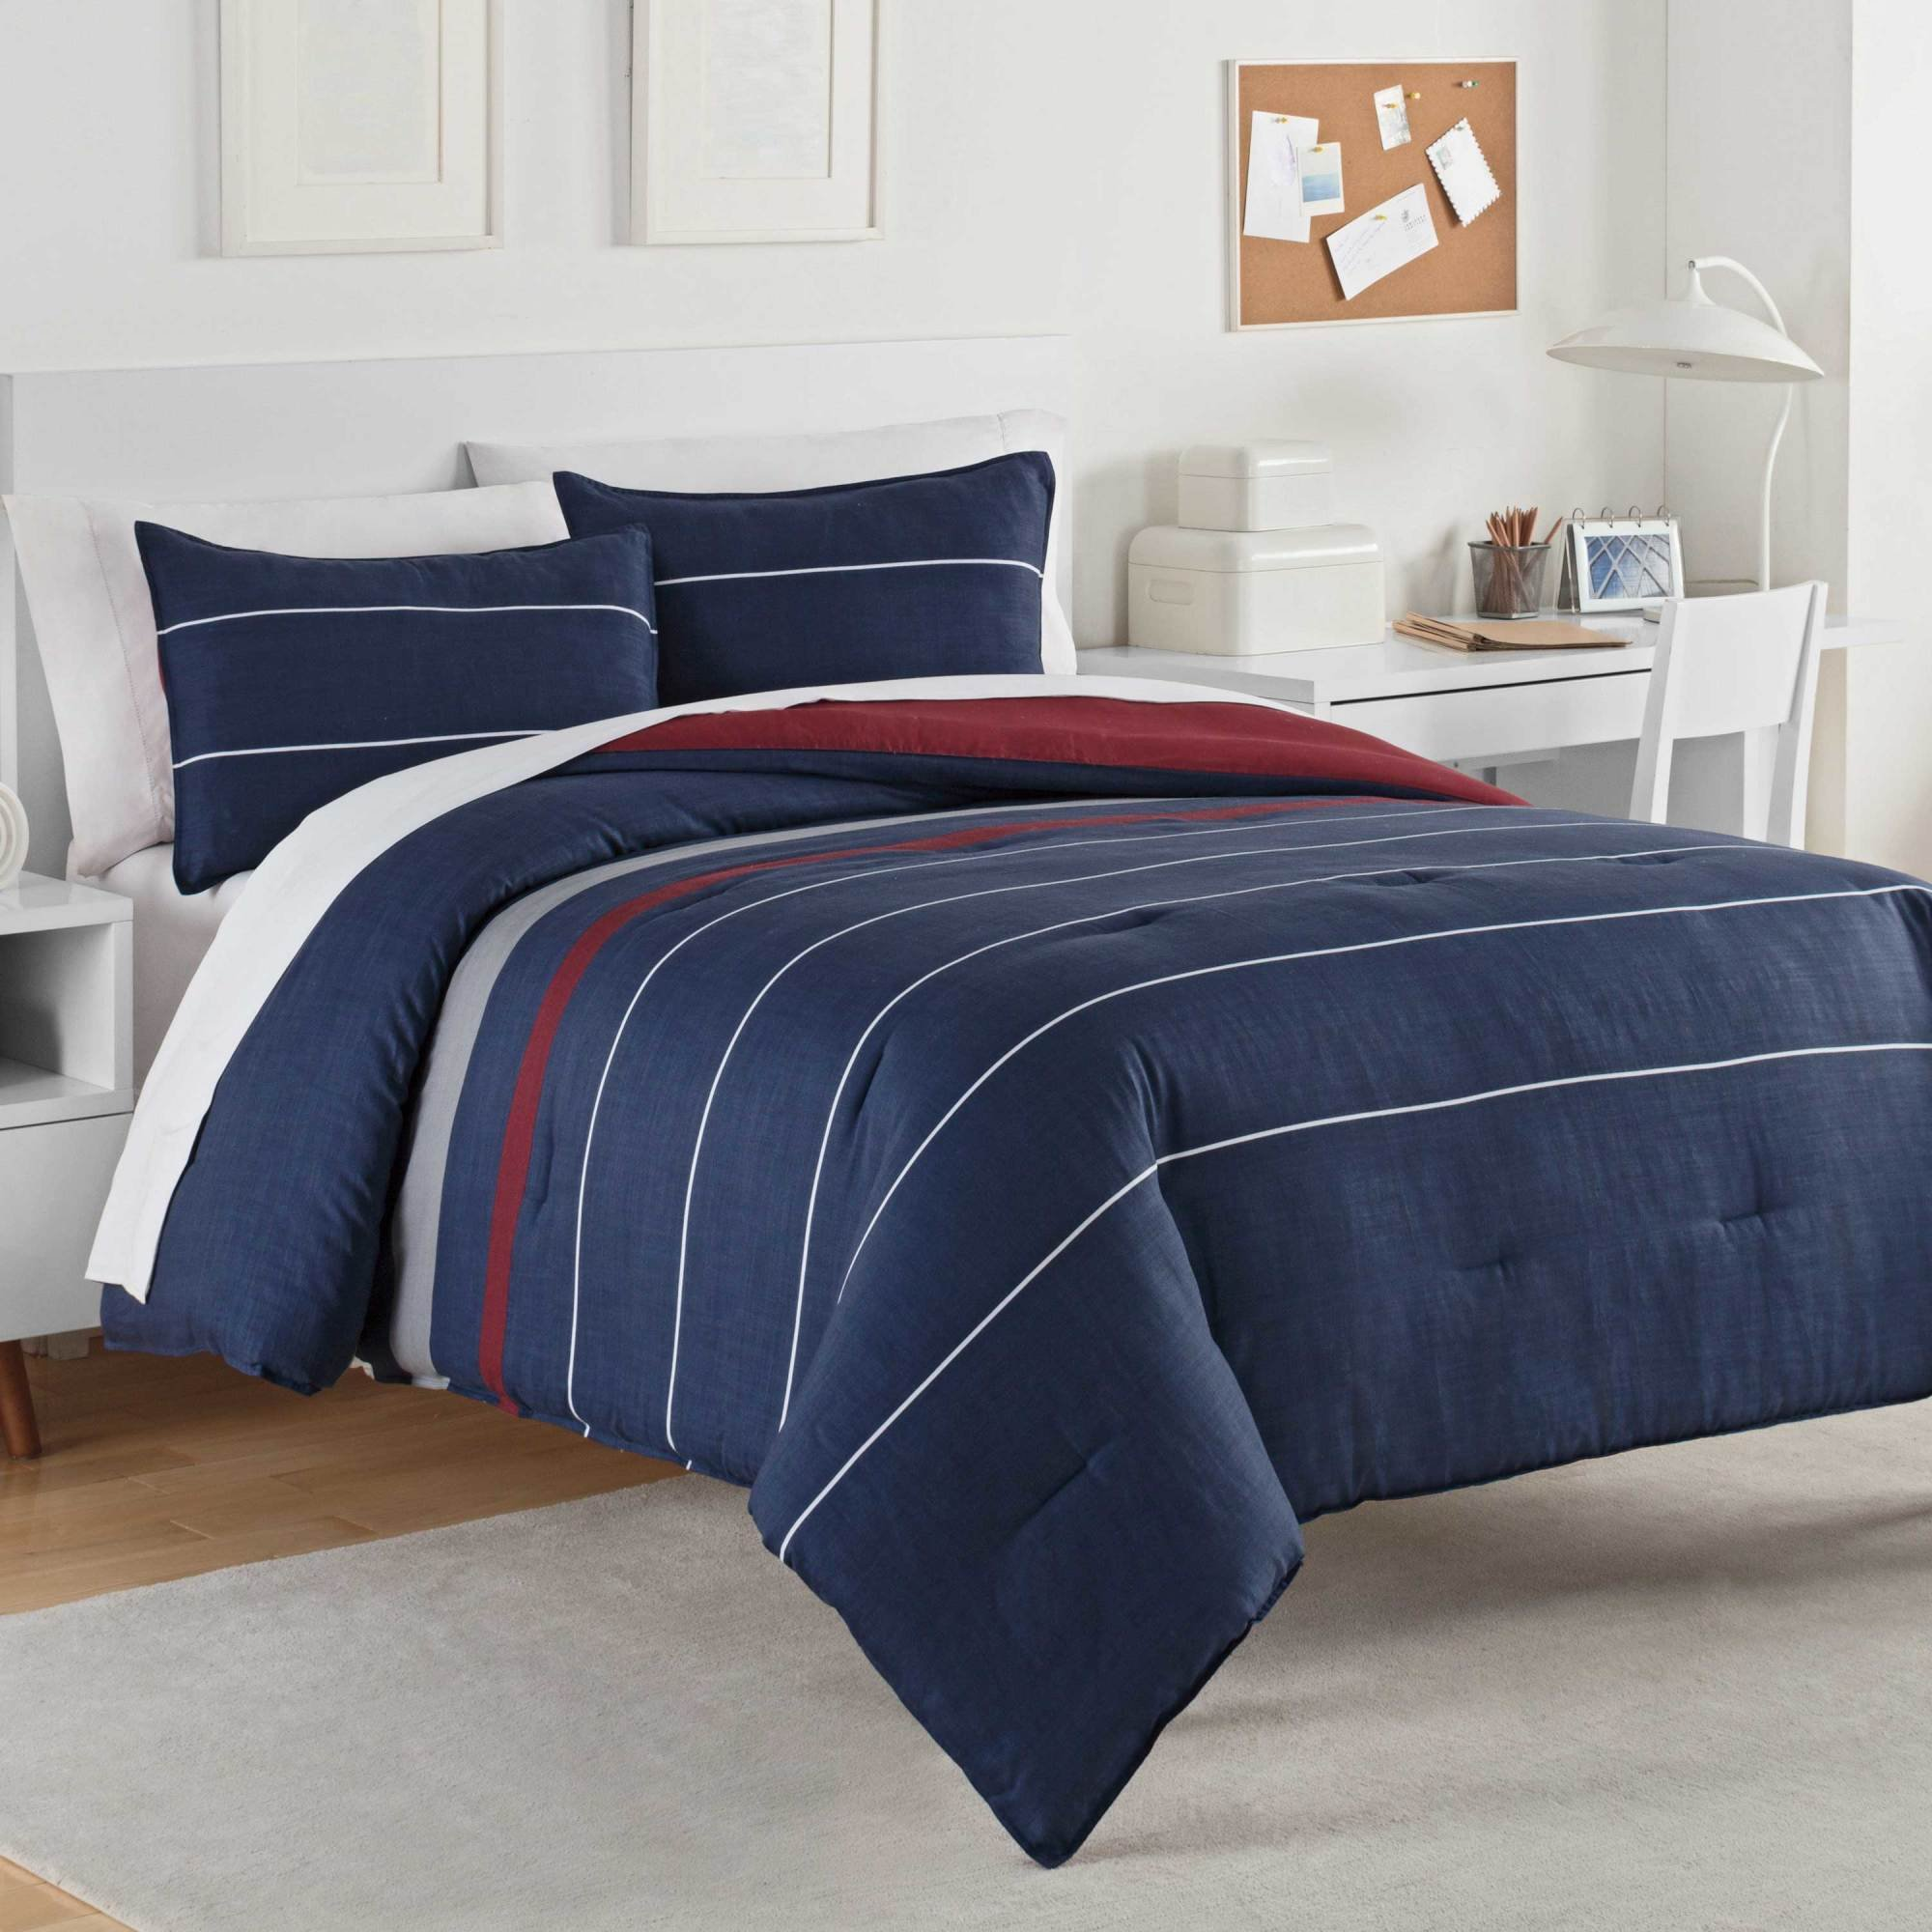 IZOD Jackson Comforter Set, Twin/Twin XL, Blue by IZOD